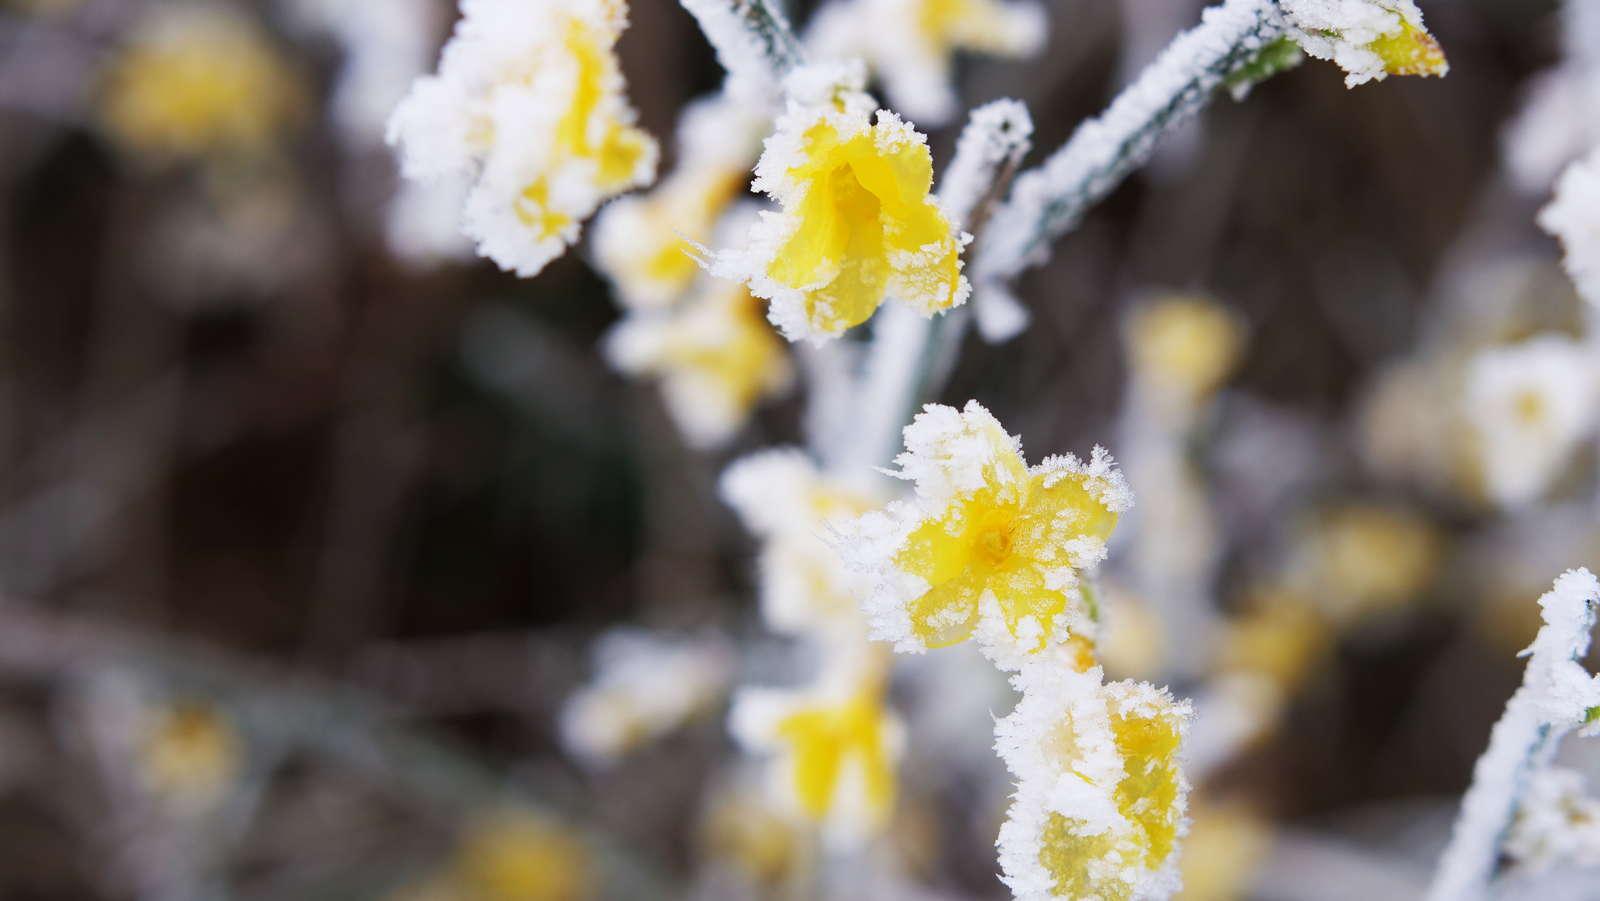 Winterharte Kletterpflanzen Robuste Sorten Fur Den Winter